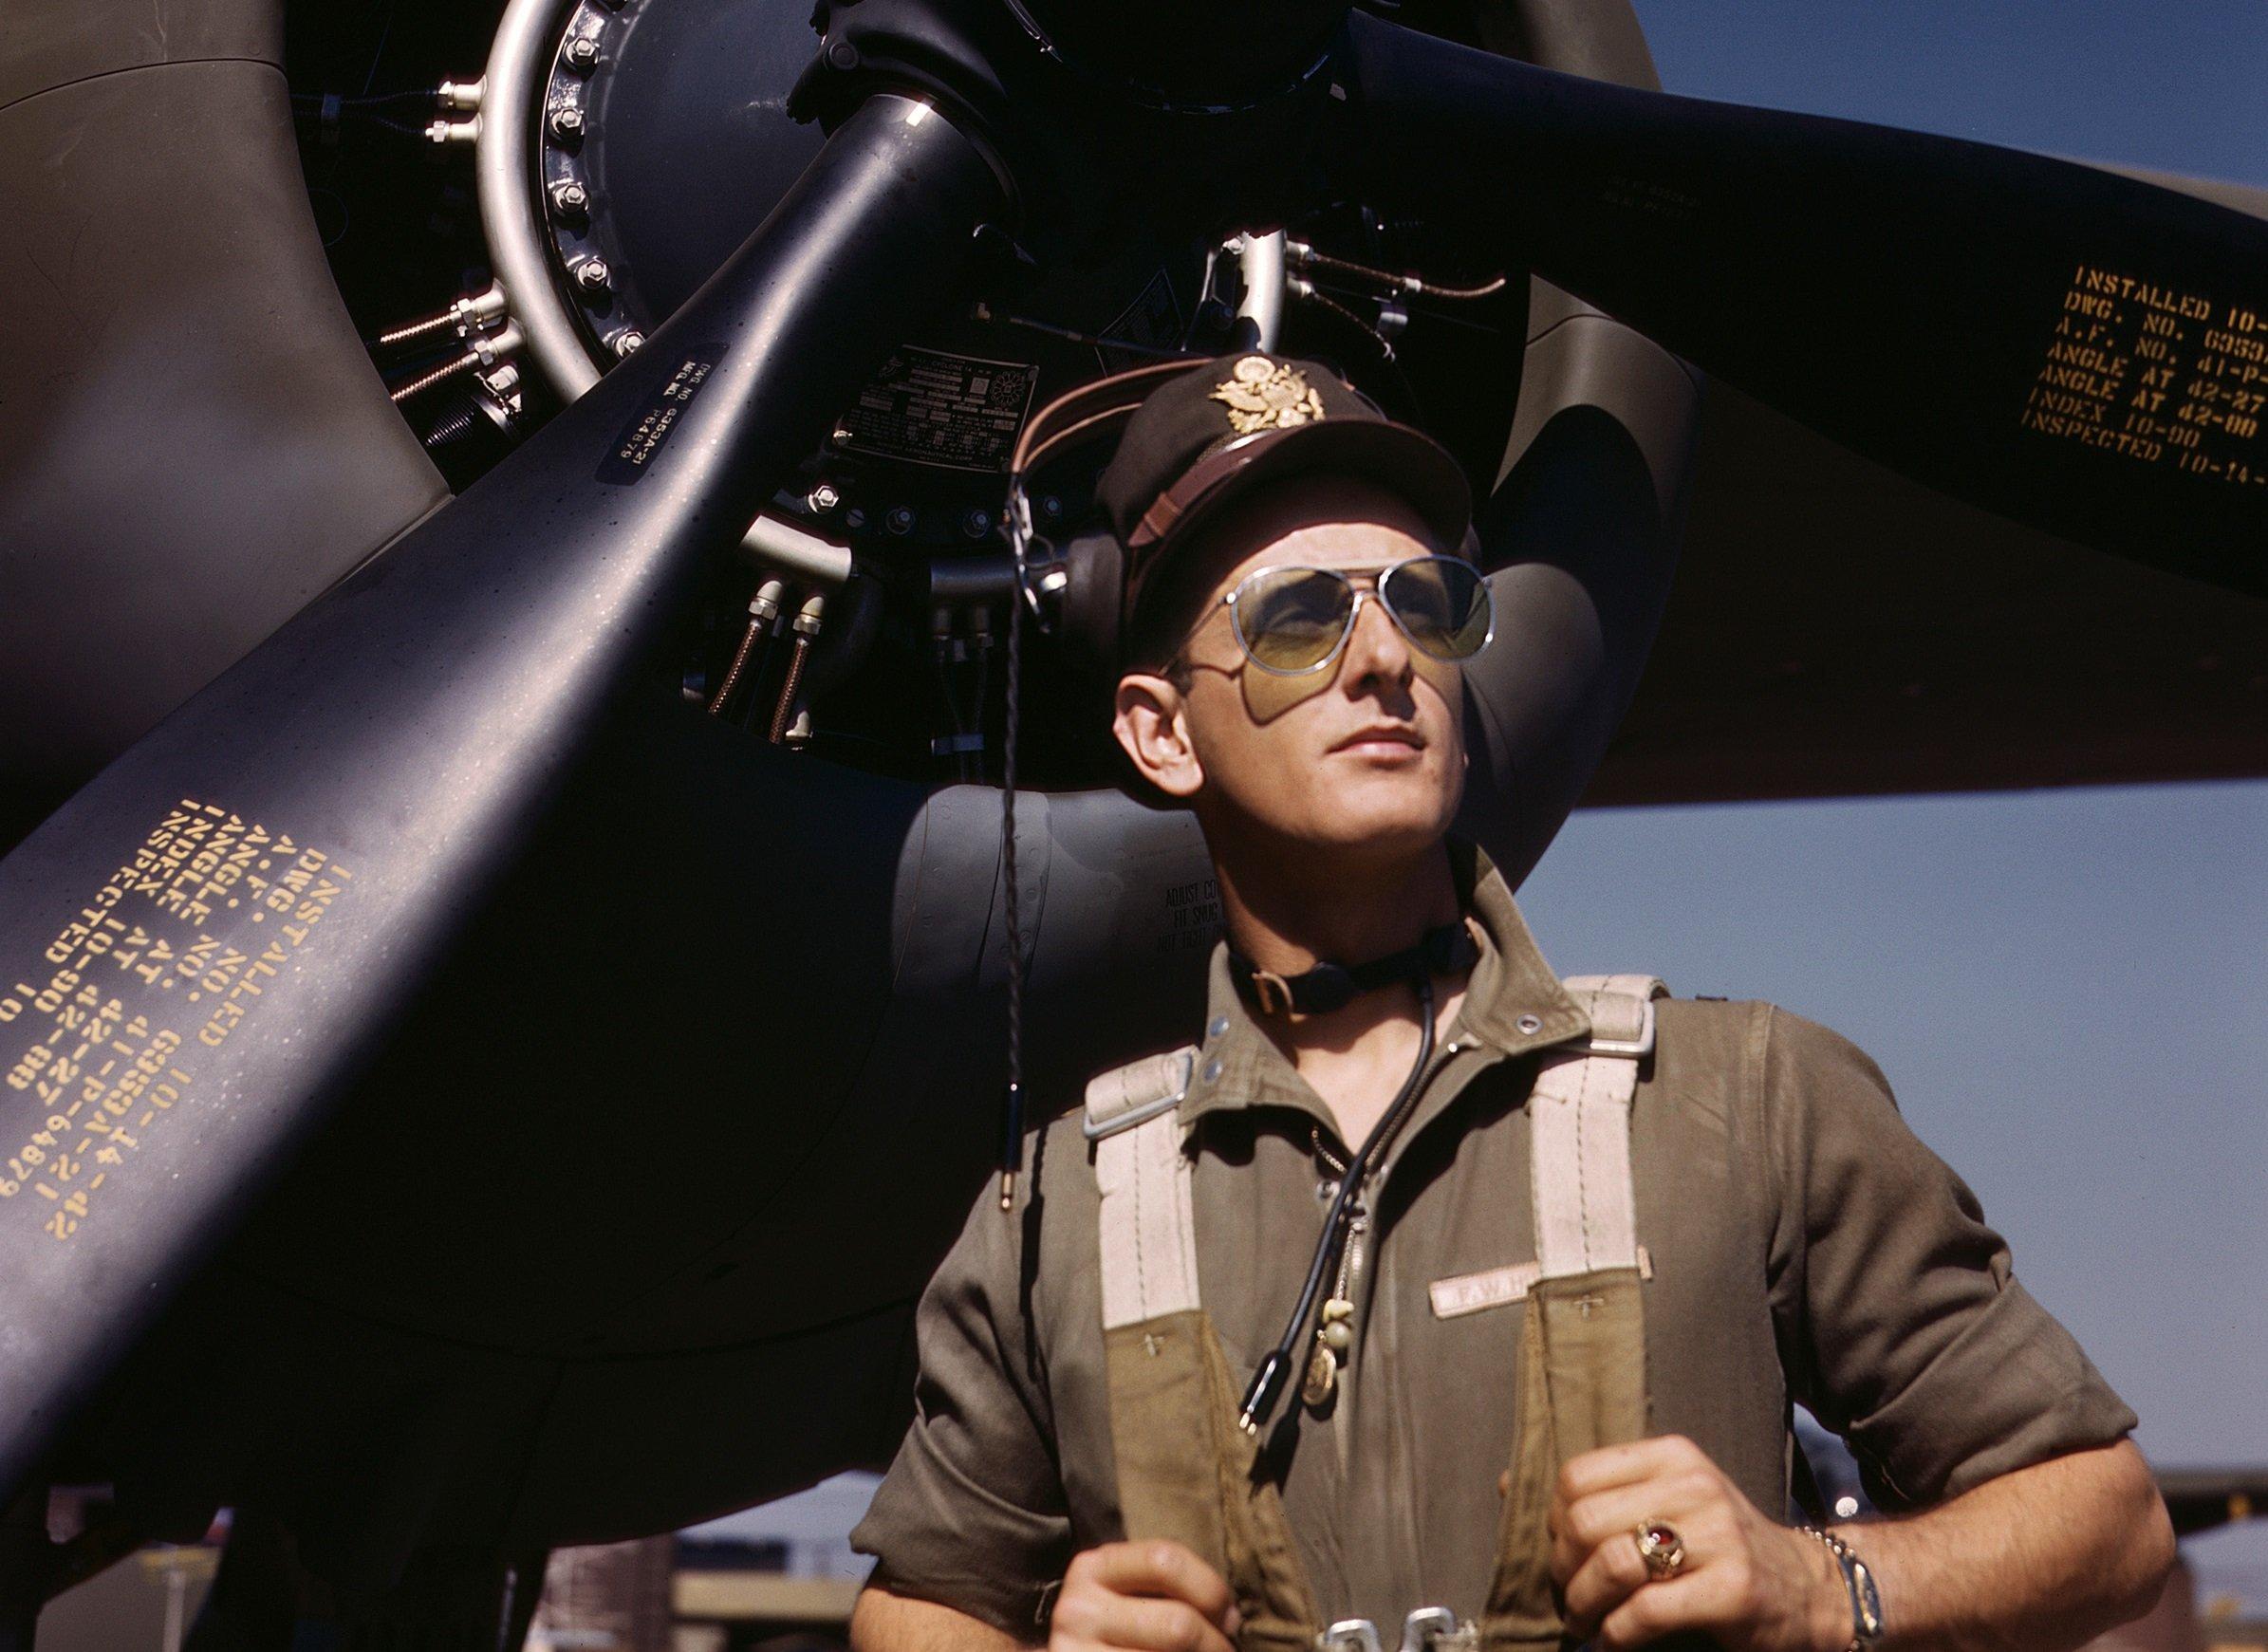 770e3d8fd3 When Did Aviator Sunglasses Become So Popular